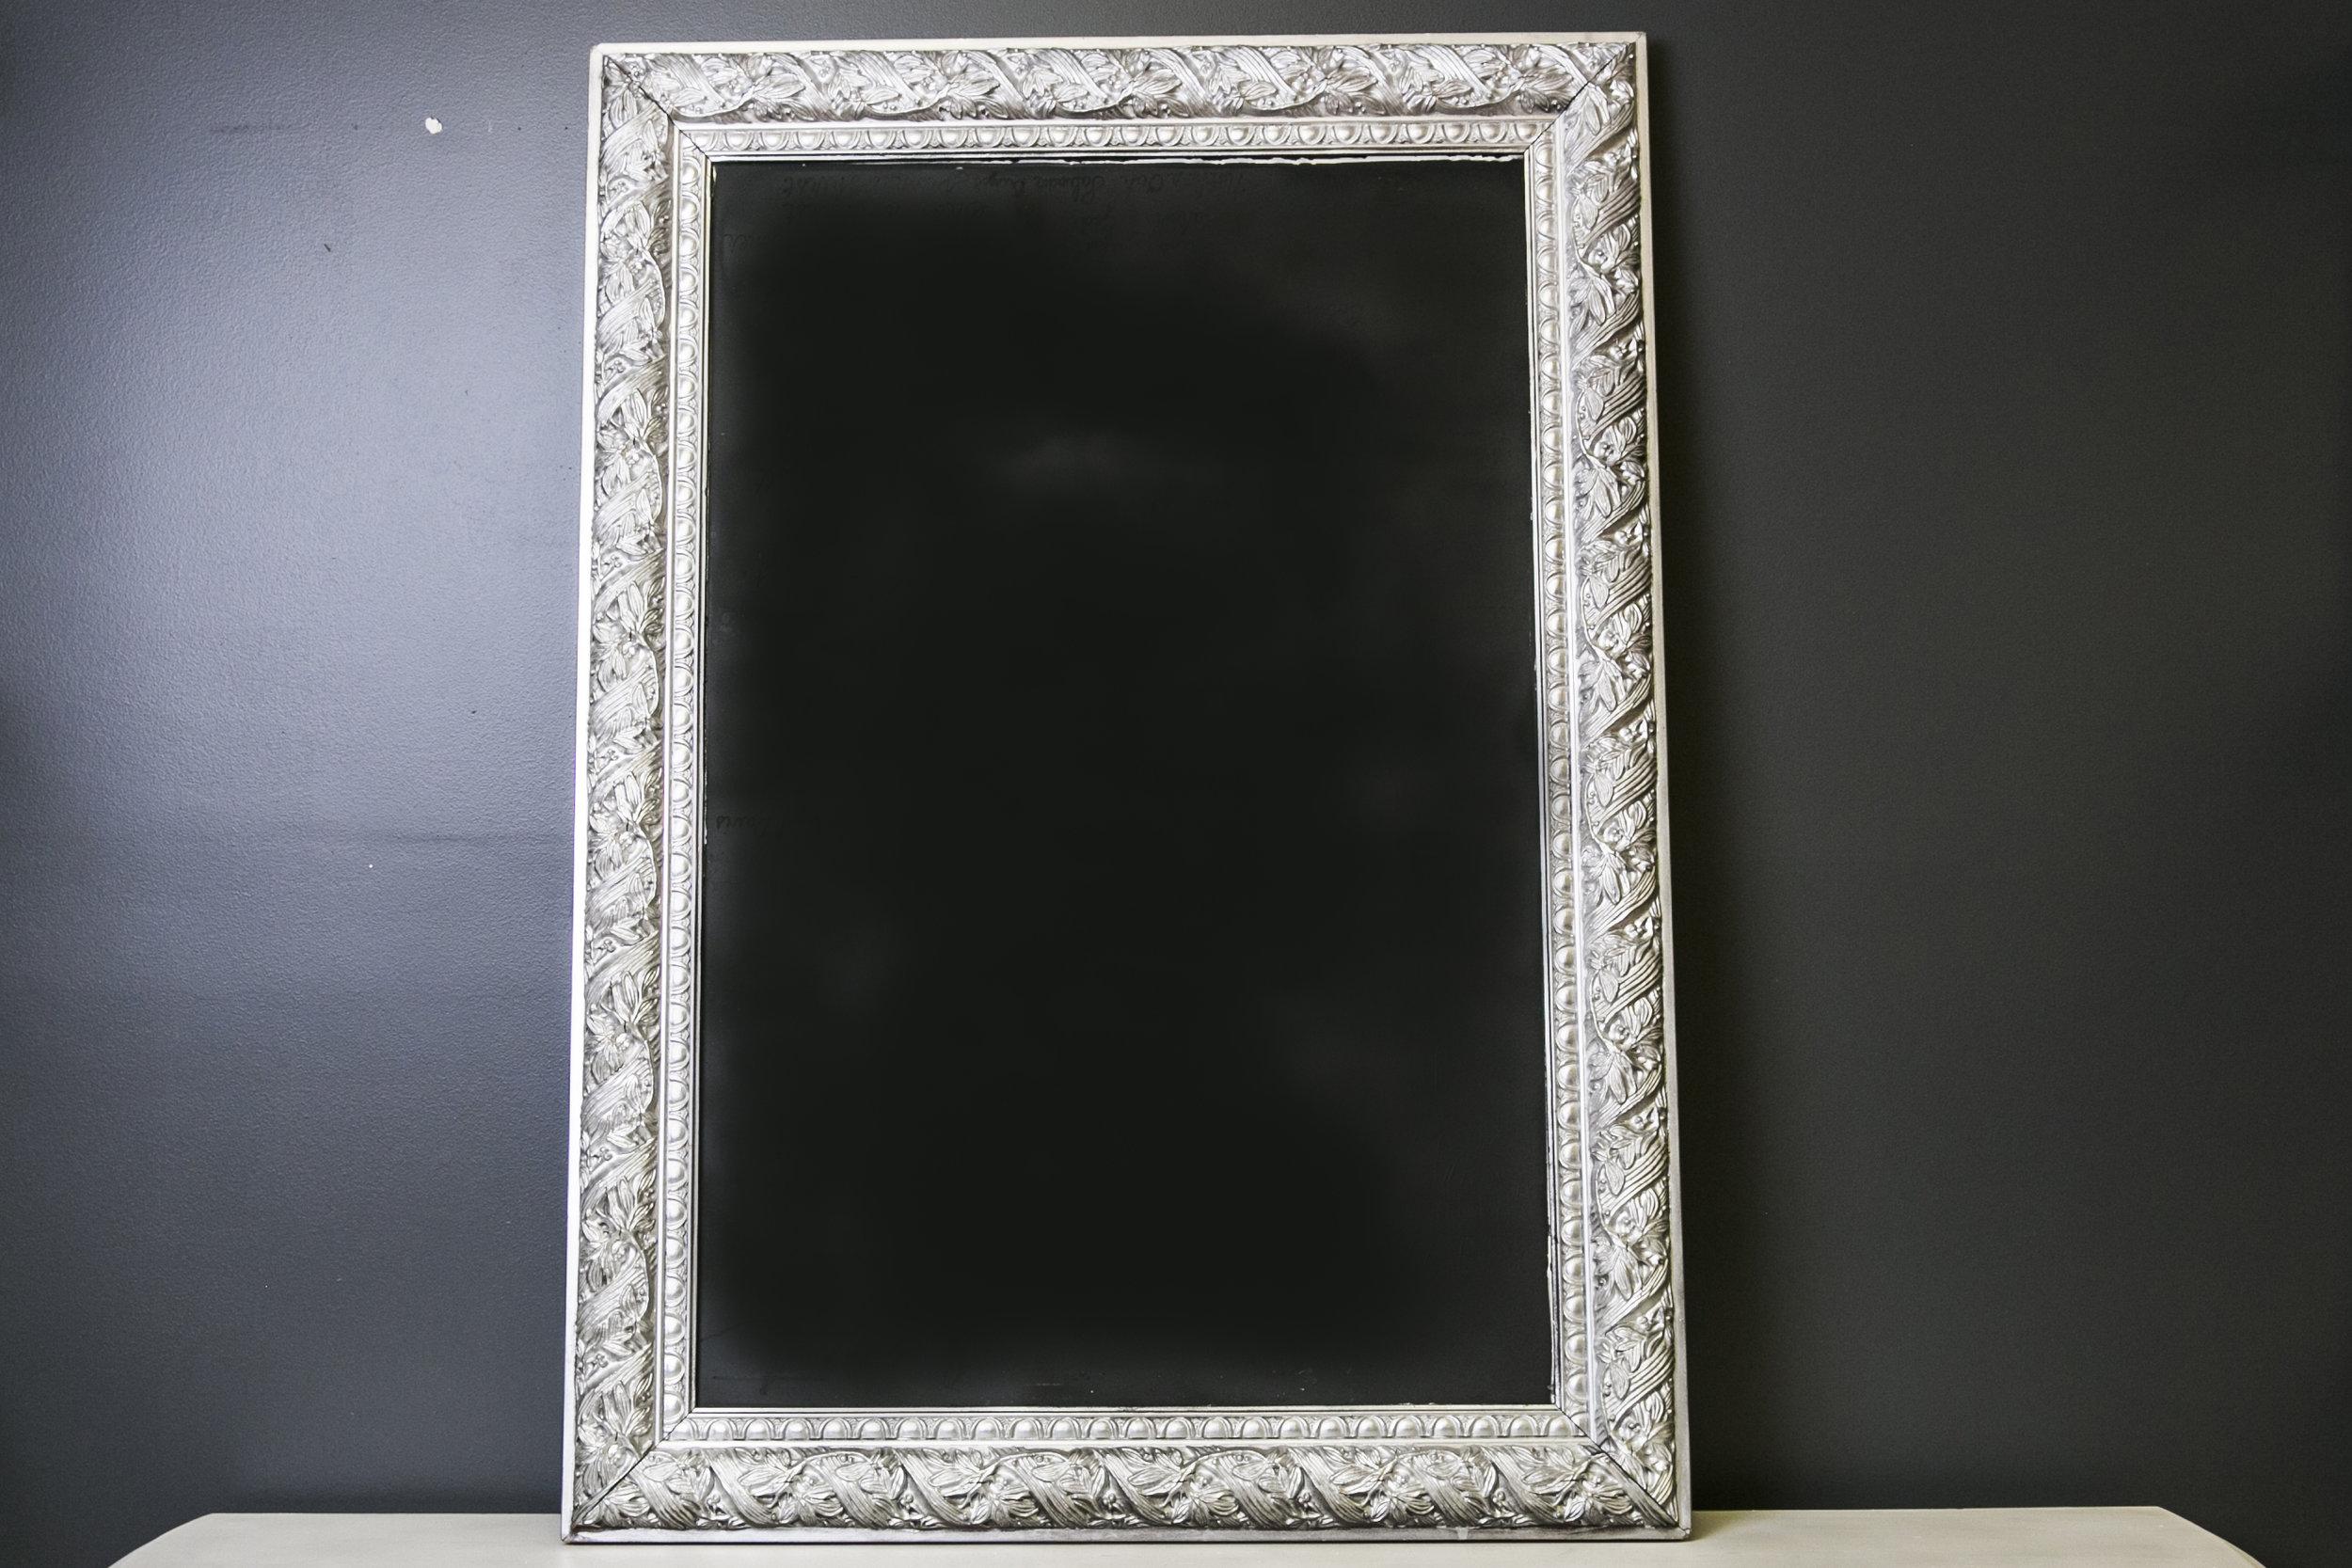 Van Buren Chalkboard . 43 x 31